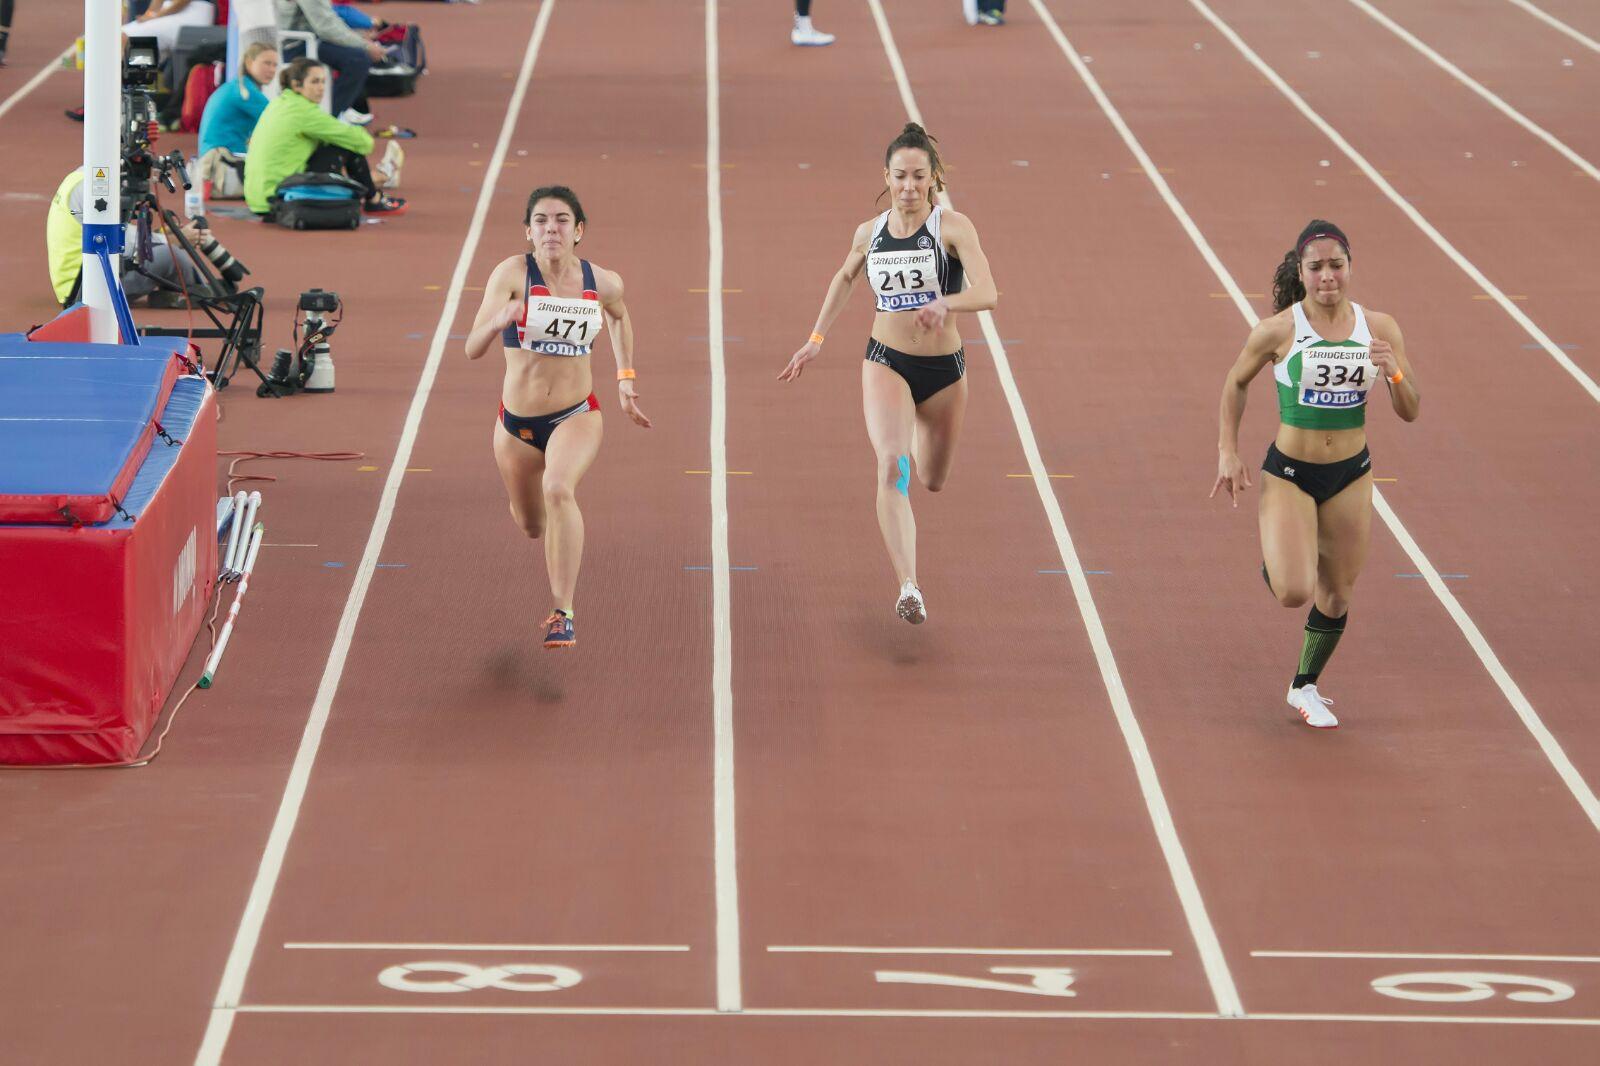 Agustinas Valladolid - 2017 - ESO 4 - Campeonato España Atletismo